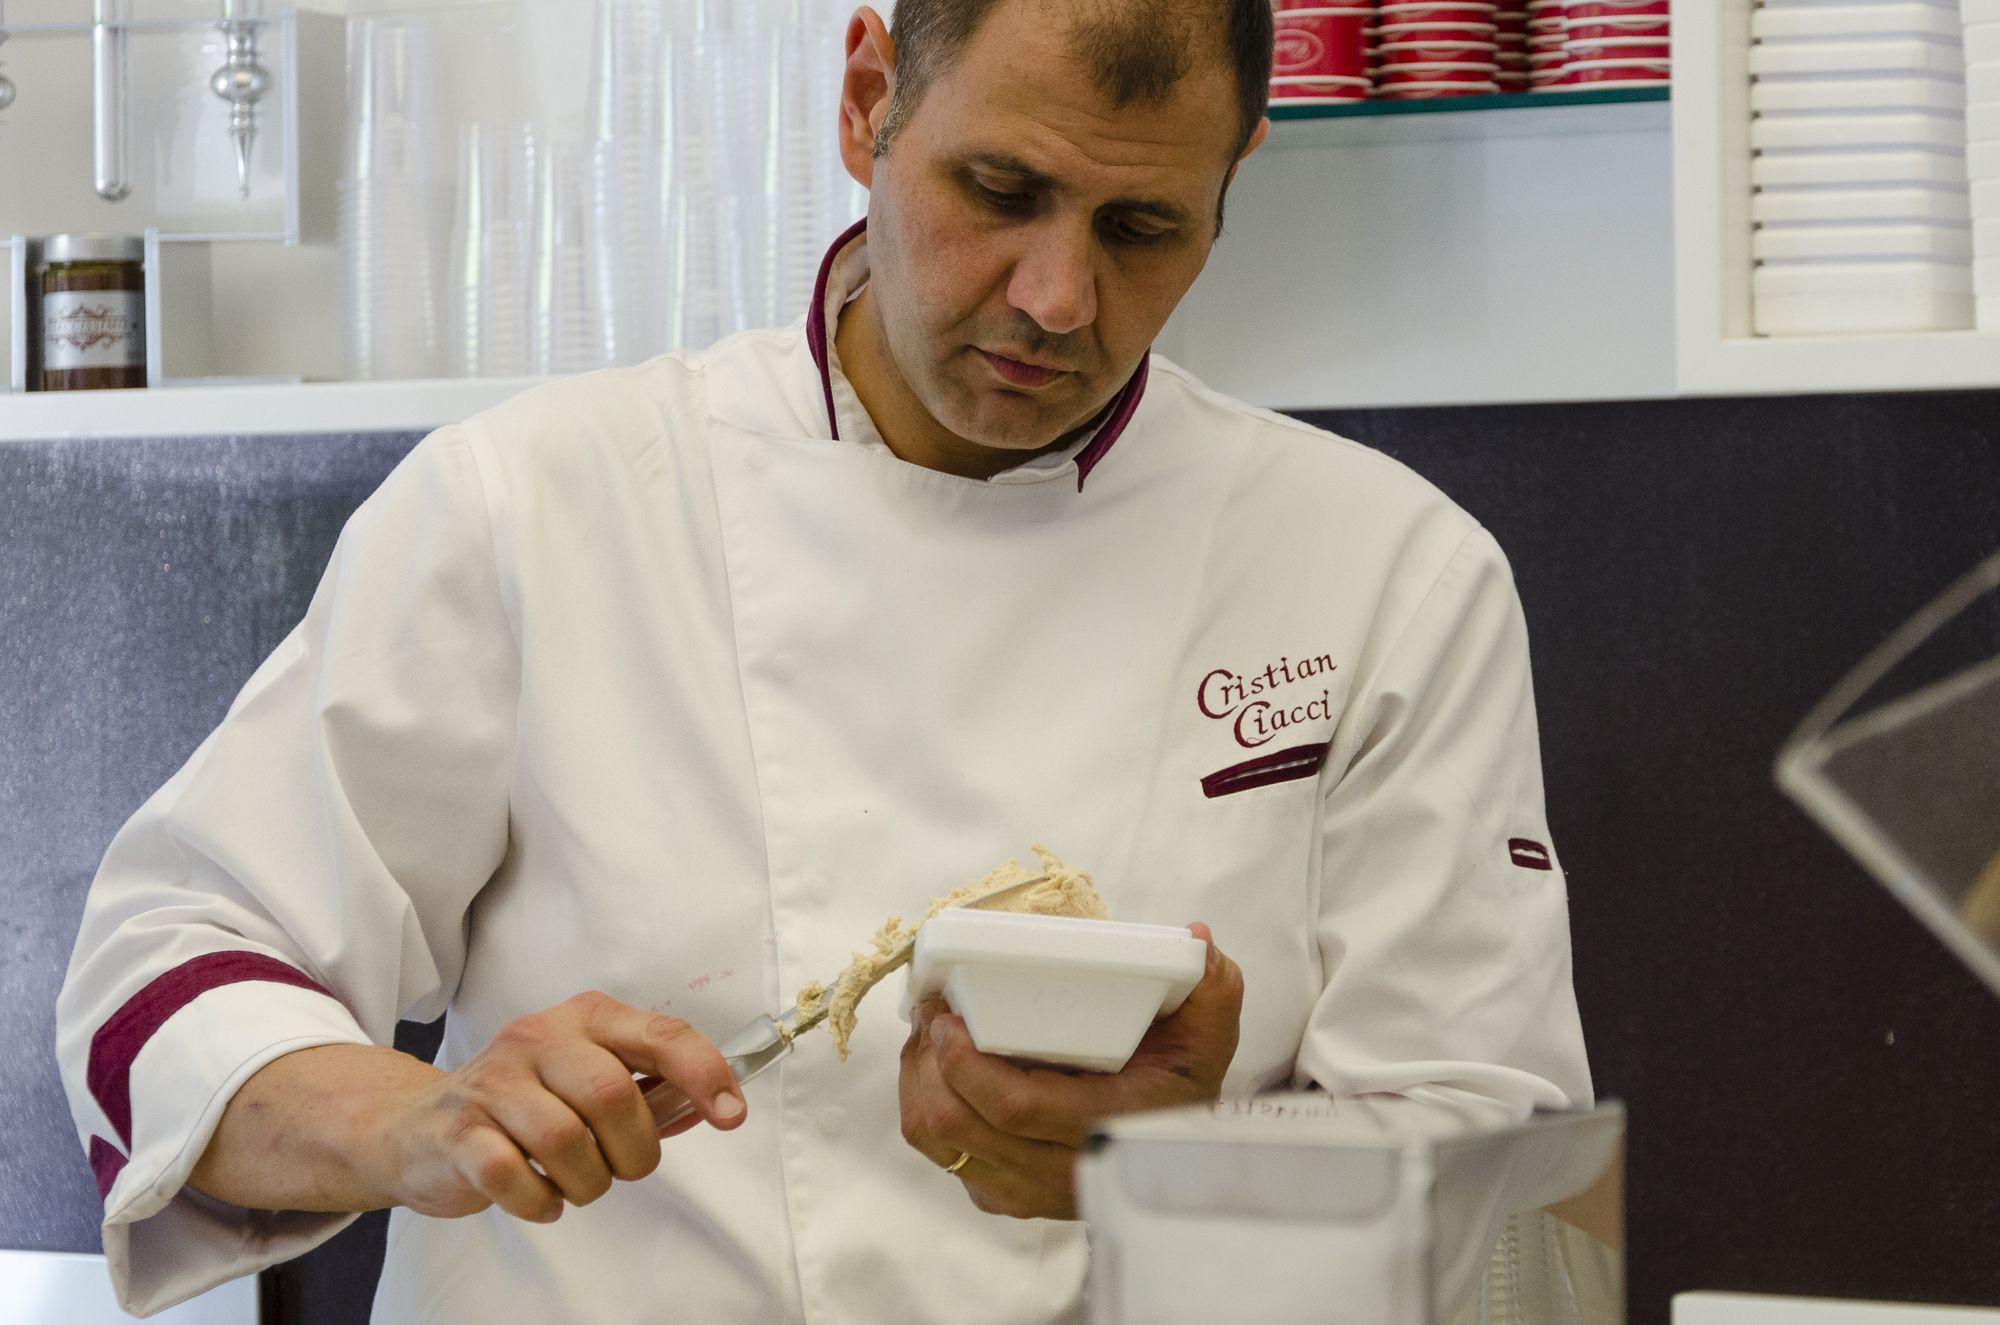 Cristian Ciacci, gelatiere per gioco e per passione!